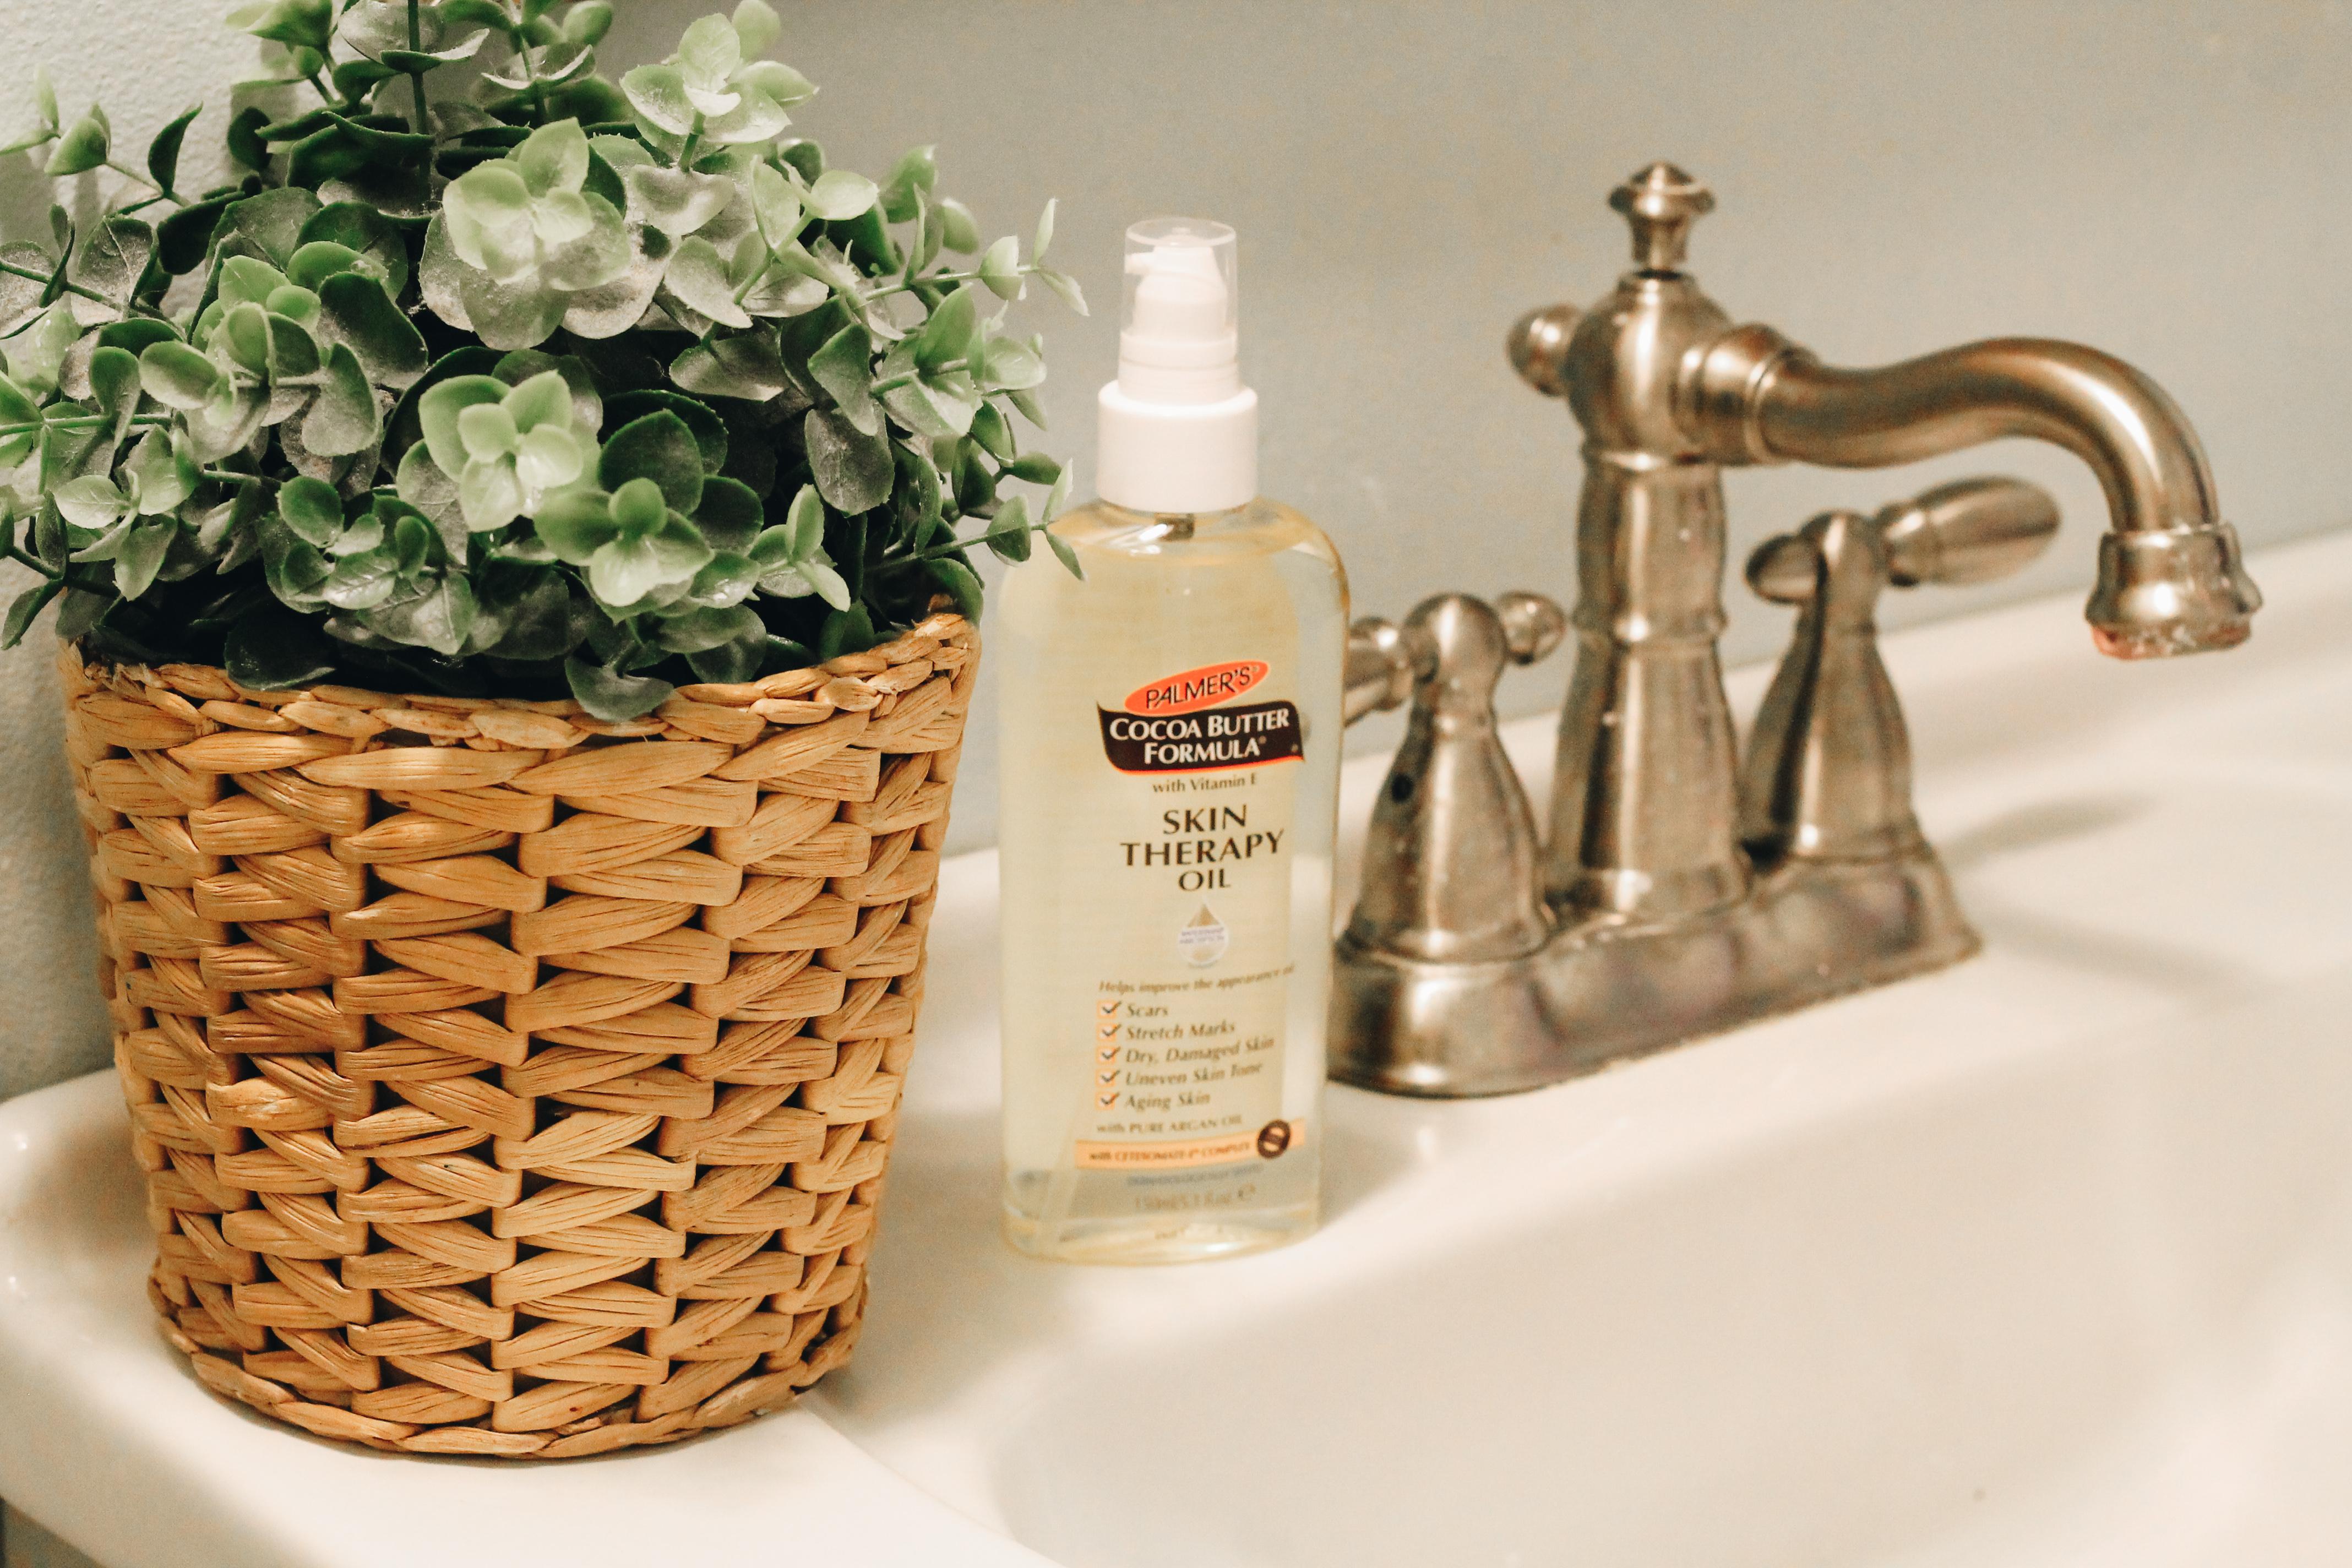 Palmer's® Cocoa Butter Formula® Skin Therapy Oil